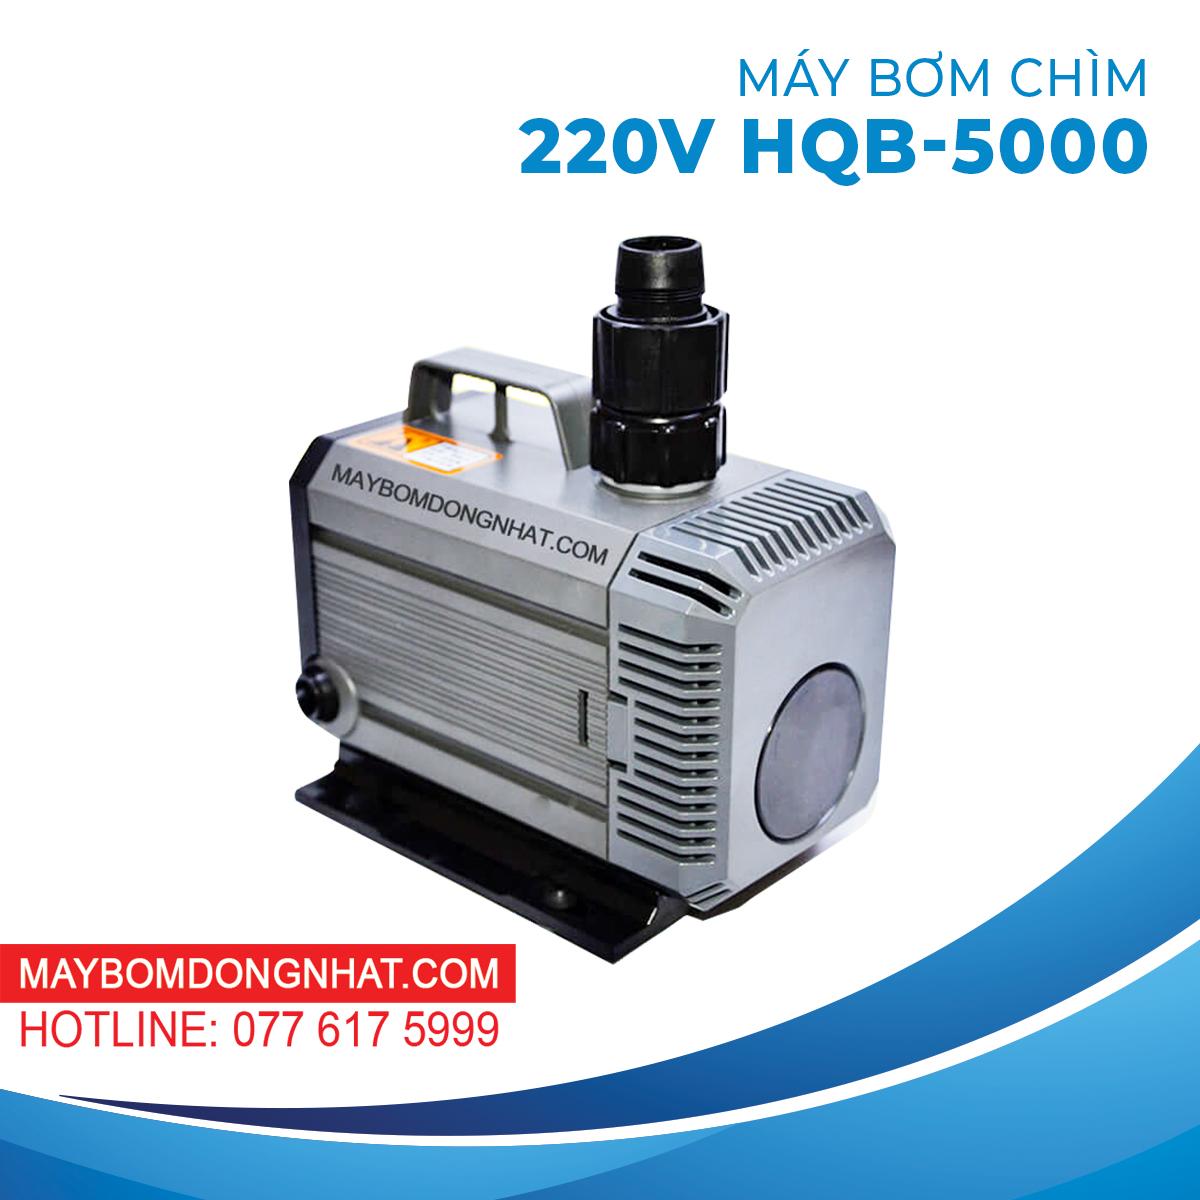 Máy bơm chìm SUNSUN HQB-5000 220V 150W 5500L